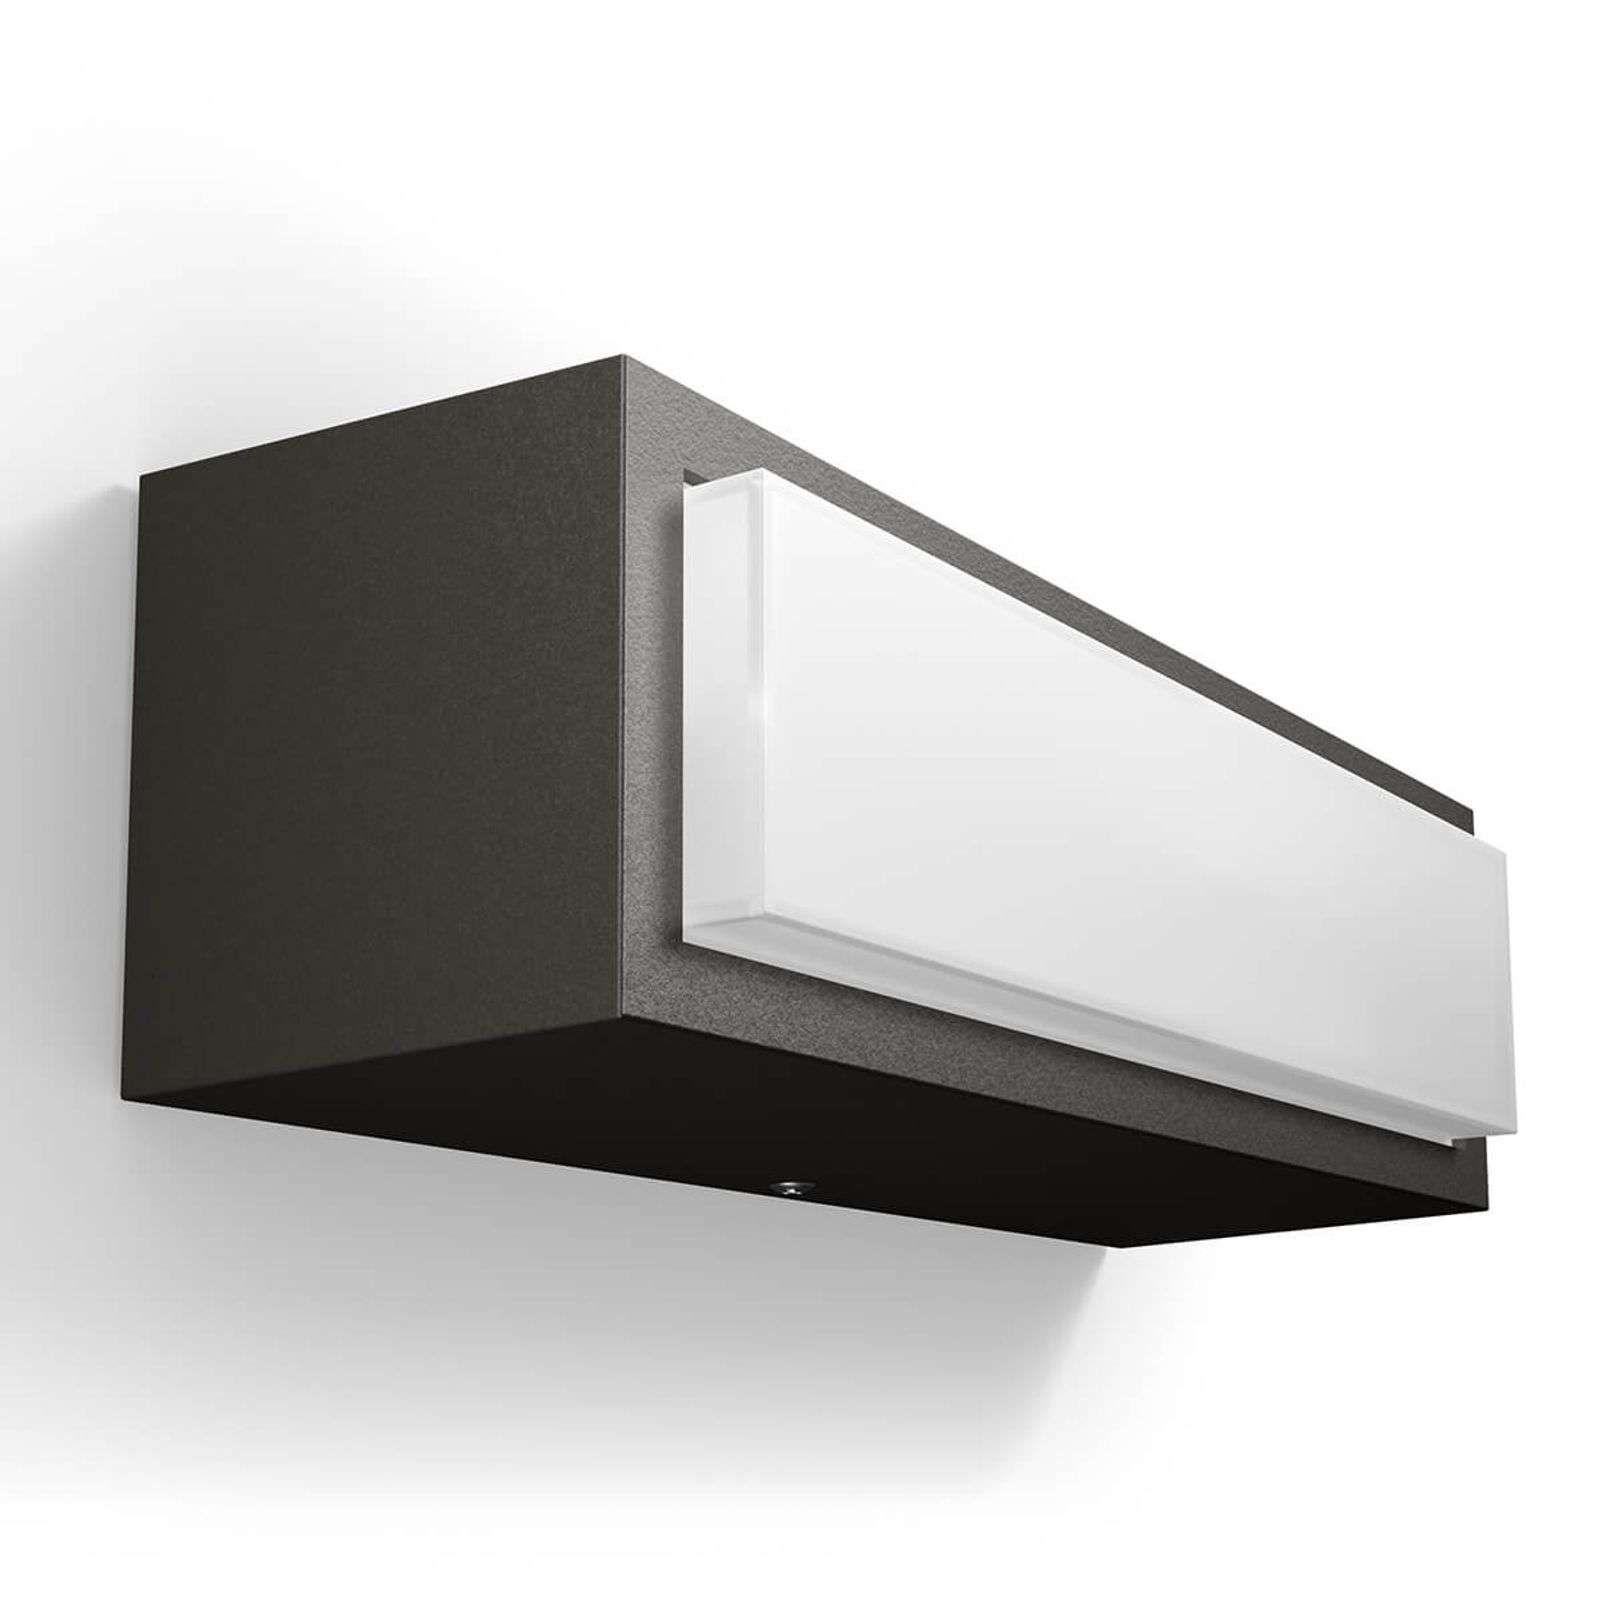 Buitenlamp Met Bewegingsmelder Op Batterijen Led Verlichting 12v Voor Camper Philips Buitenlamp Sensor Werkt Niet Muurlampje Kind Led Diffuser Buitenlamp